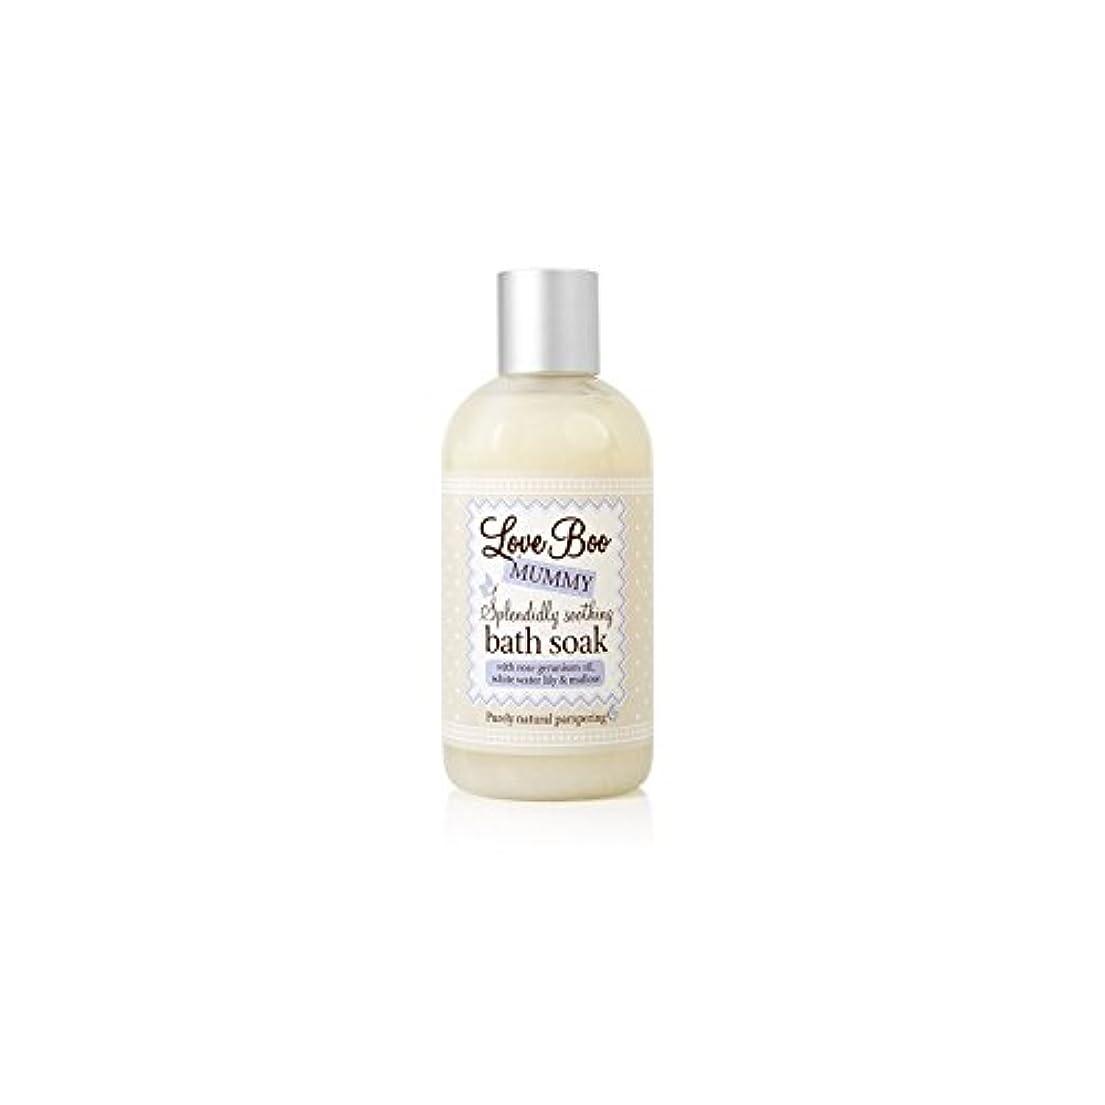 メタリックテロリストチャンピオンLove Boo Splendidly Soothing Bath Soak (250ml) (Pack of 6) - ブーイング見事なだめるようなお風呂が大好き(250ミリリットル)を浸します x6 [並行輸入品]